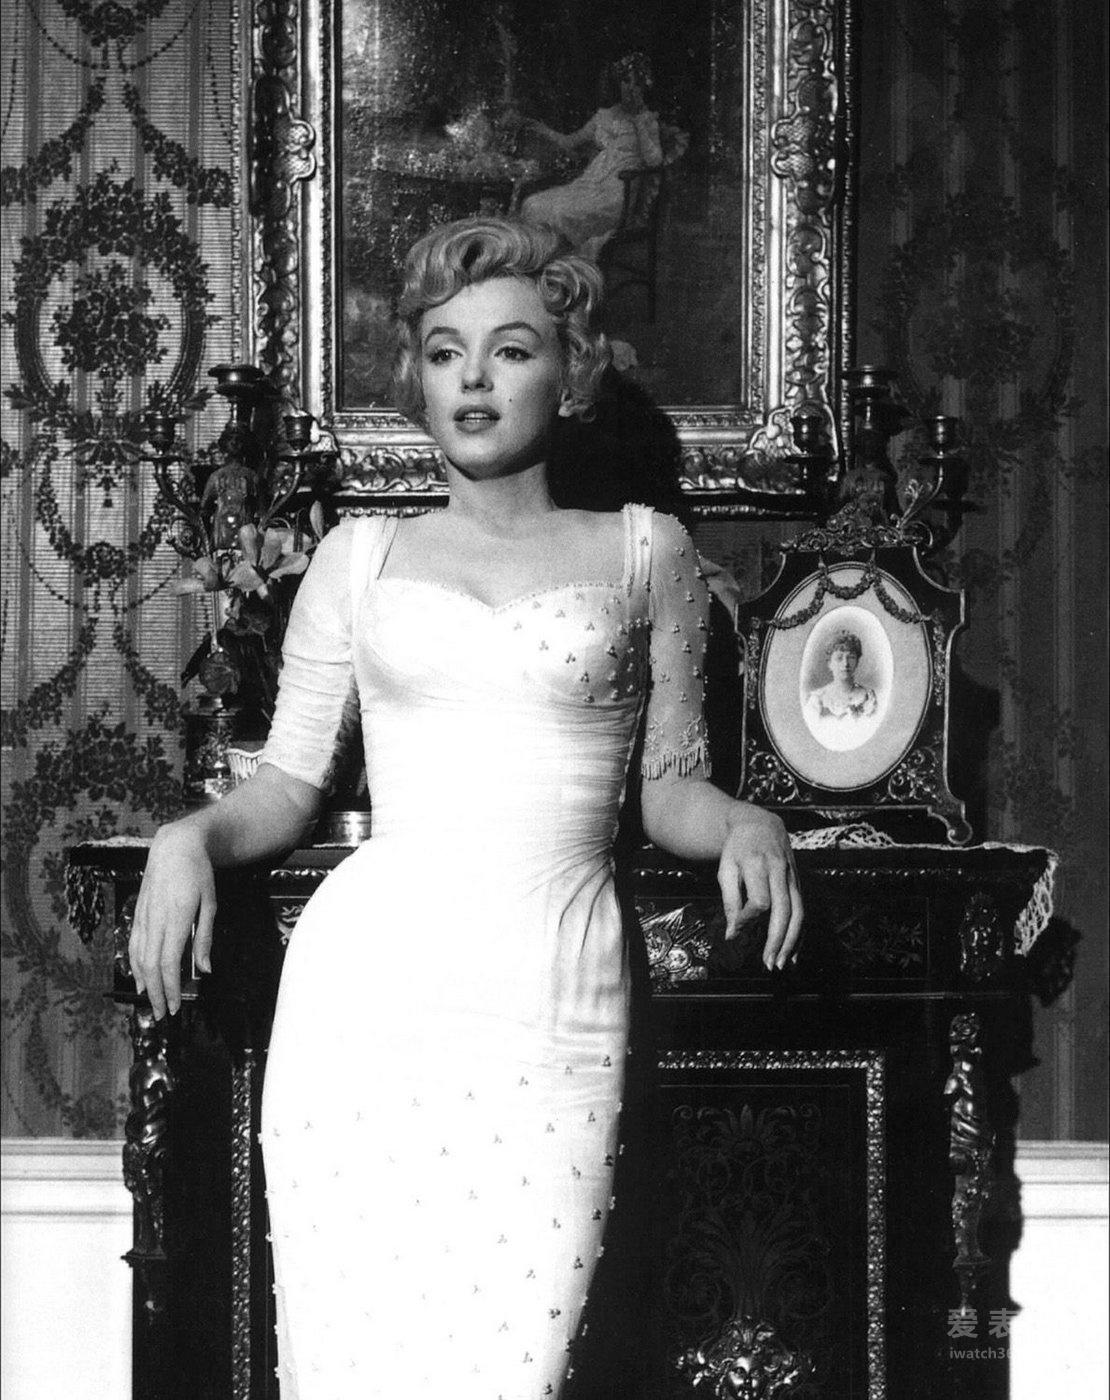 宝珀——《玛丽莲·梦露的巅峰时刻》